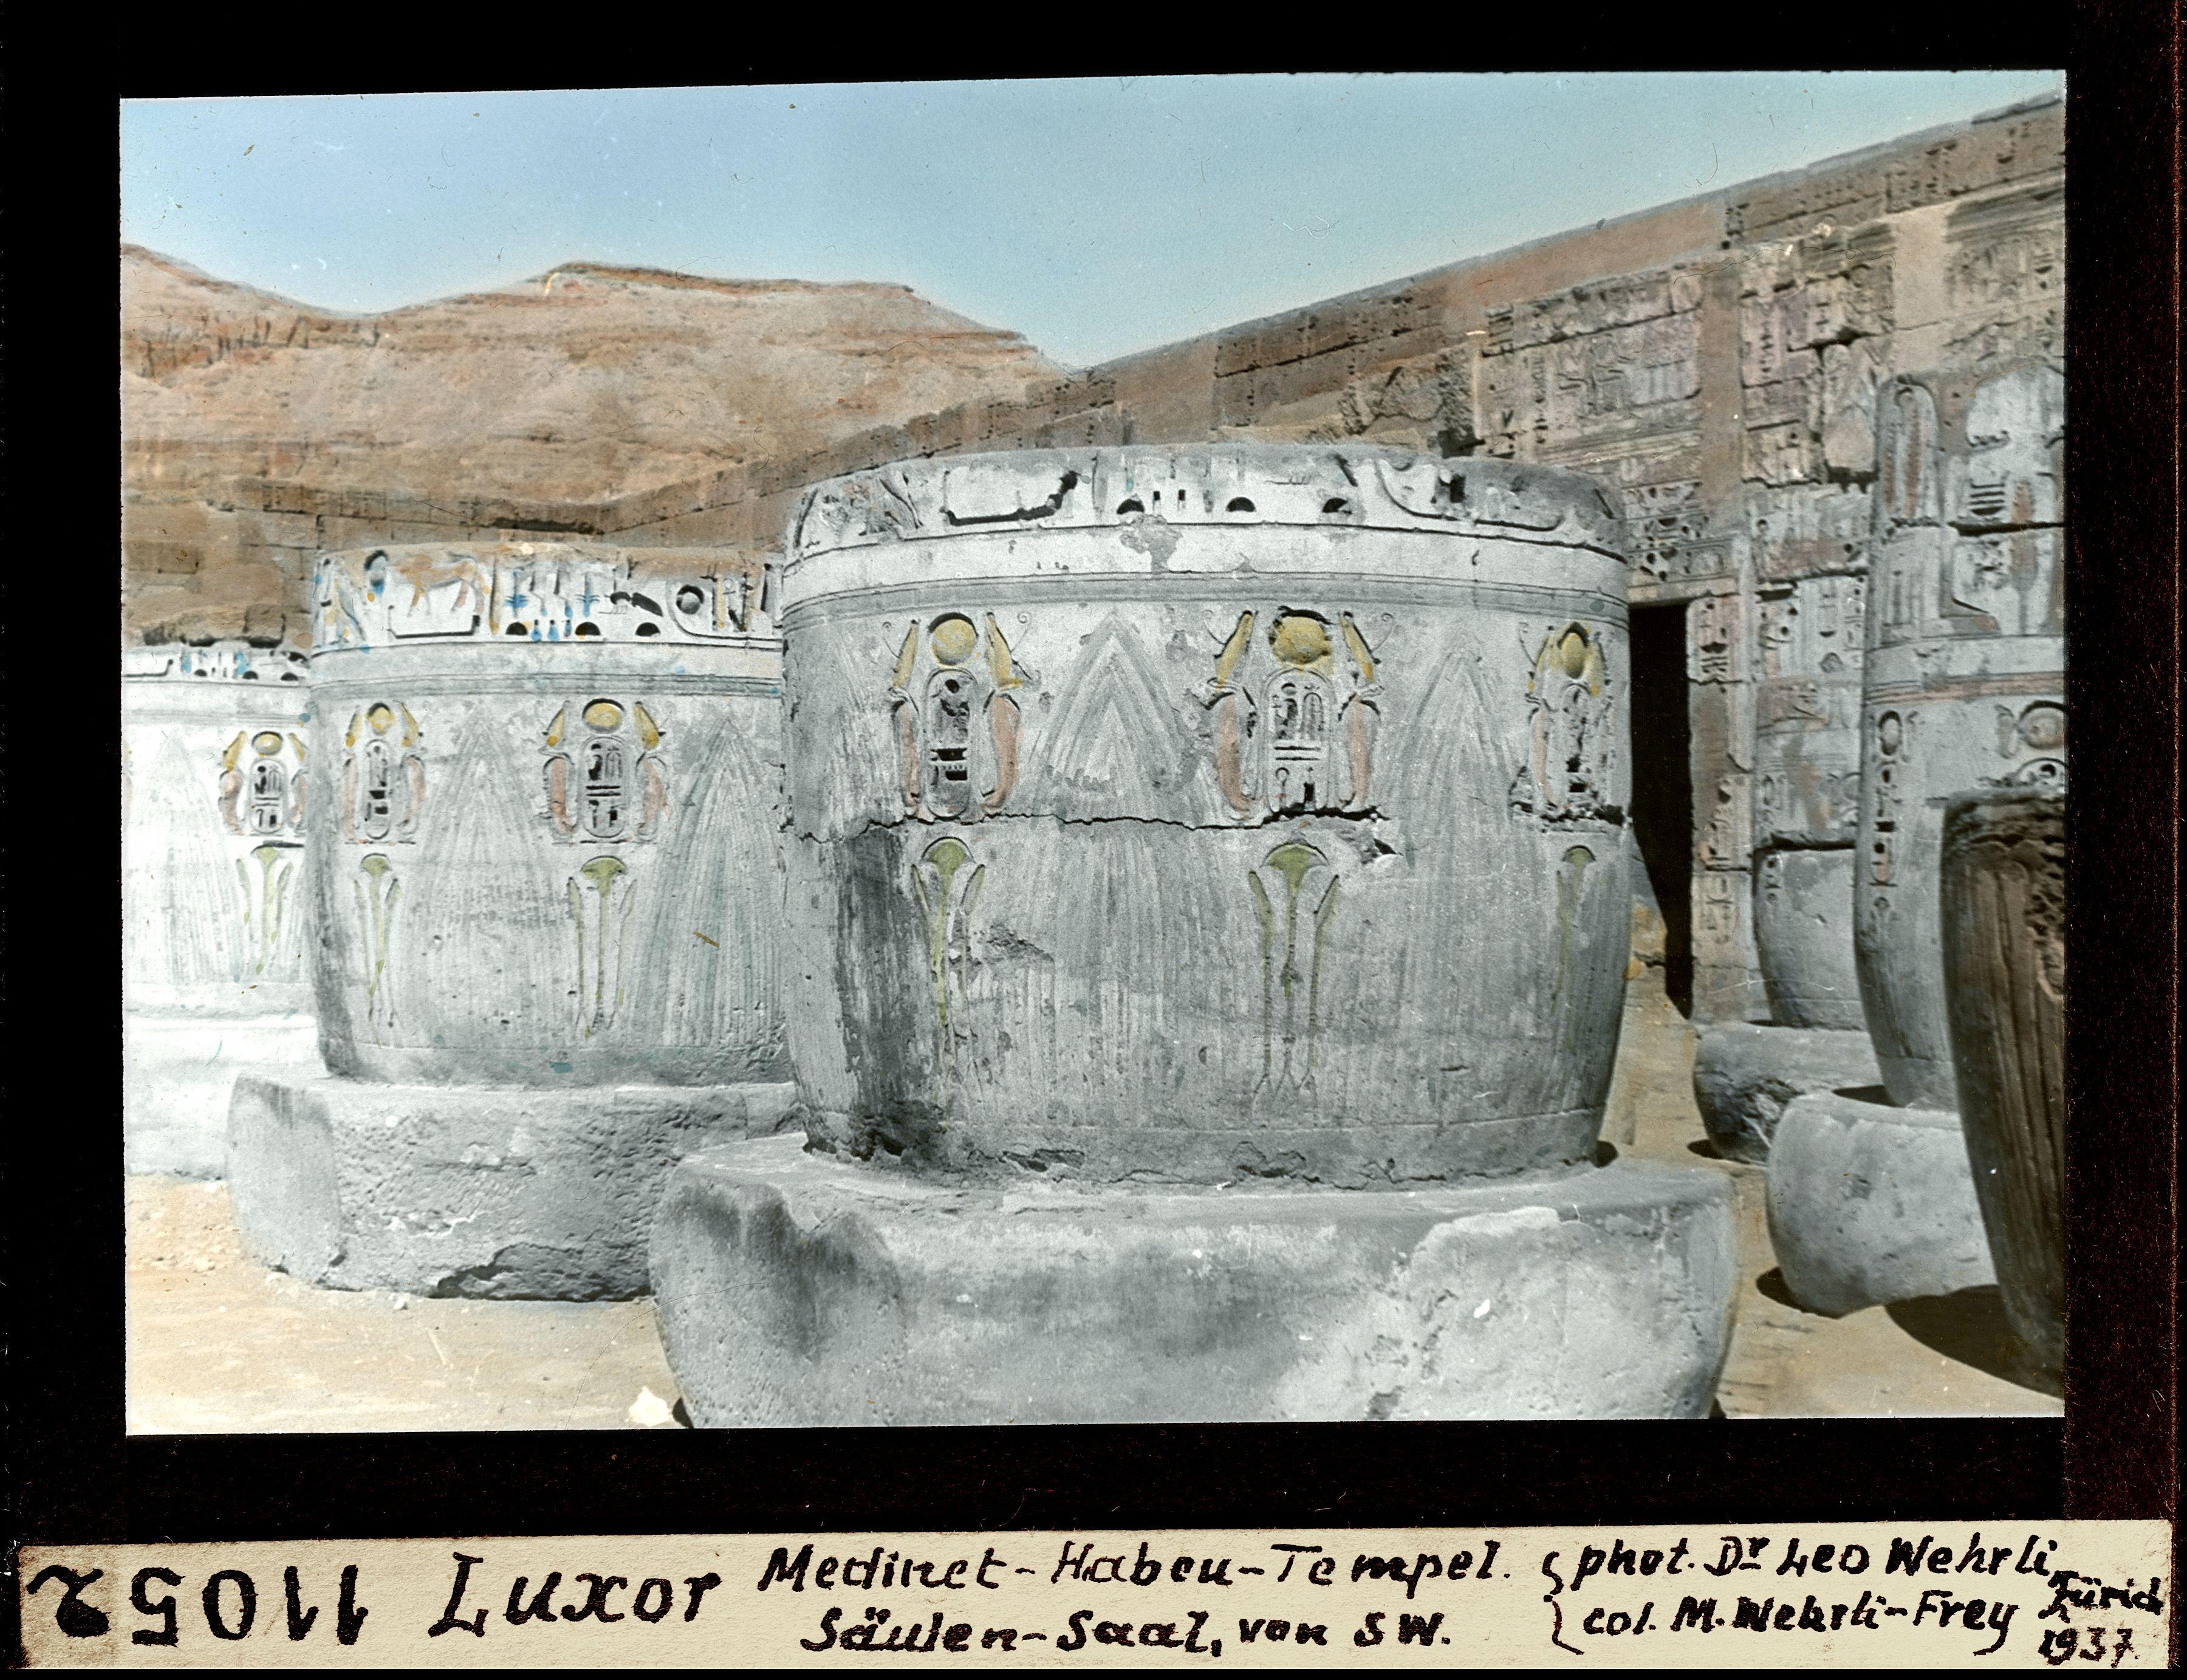 Мединет-Абу. Погребальный храм Рамсеса III. Колонный зал с юго-запада